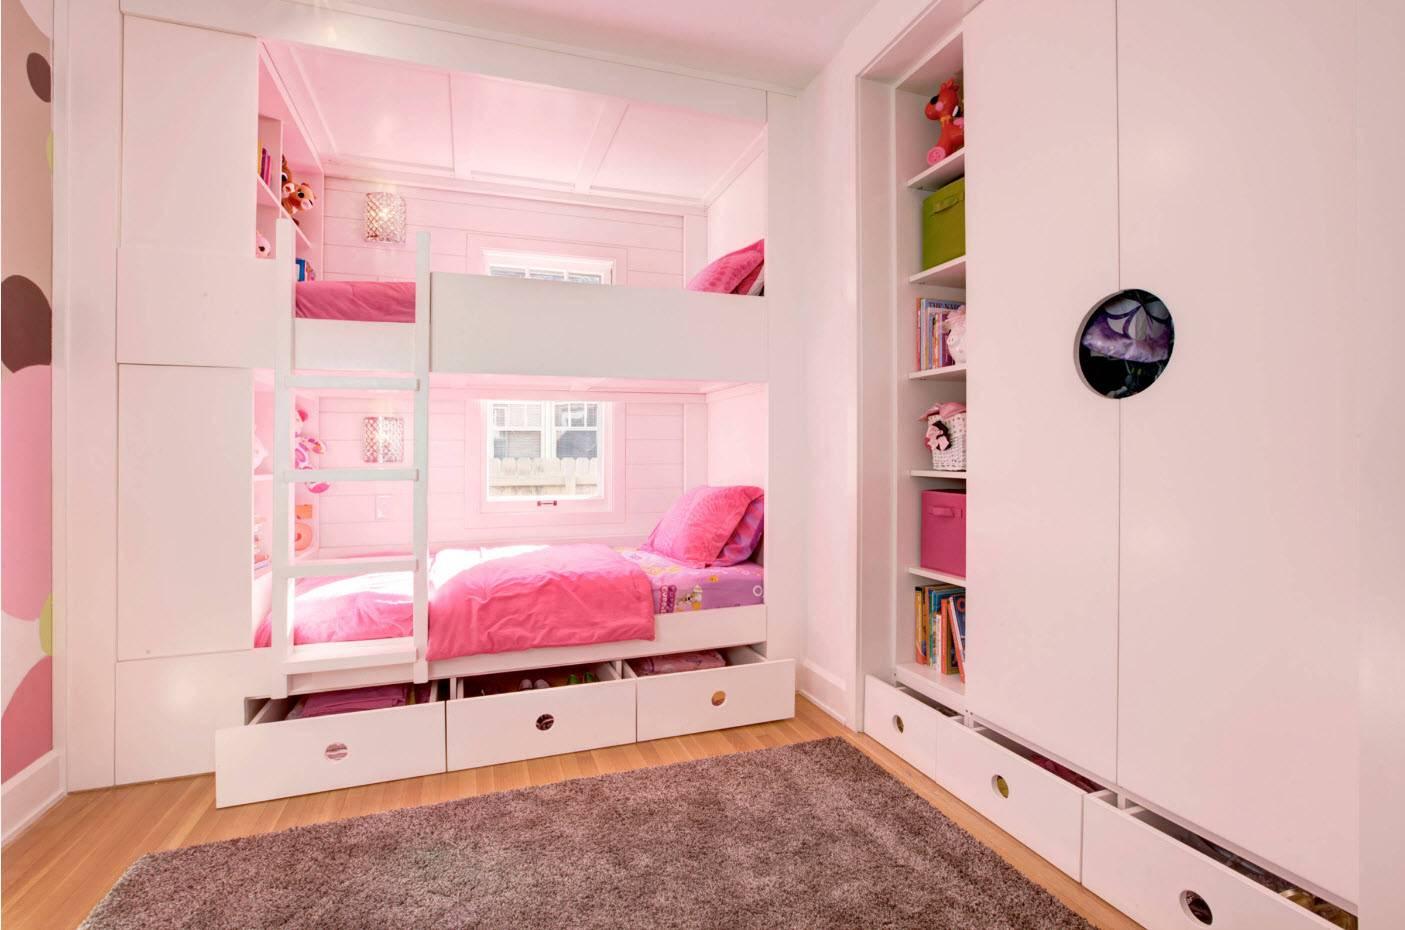 Мебель для детской комнаты, основные требования к изделиям